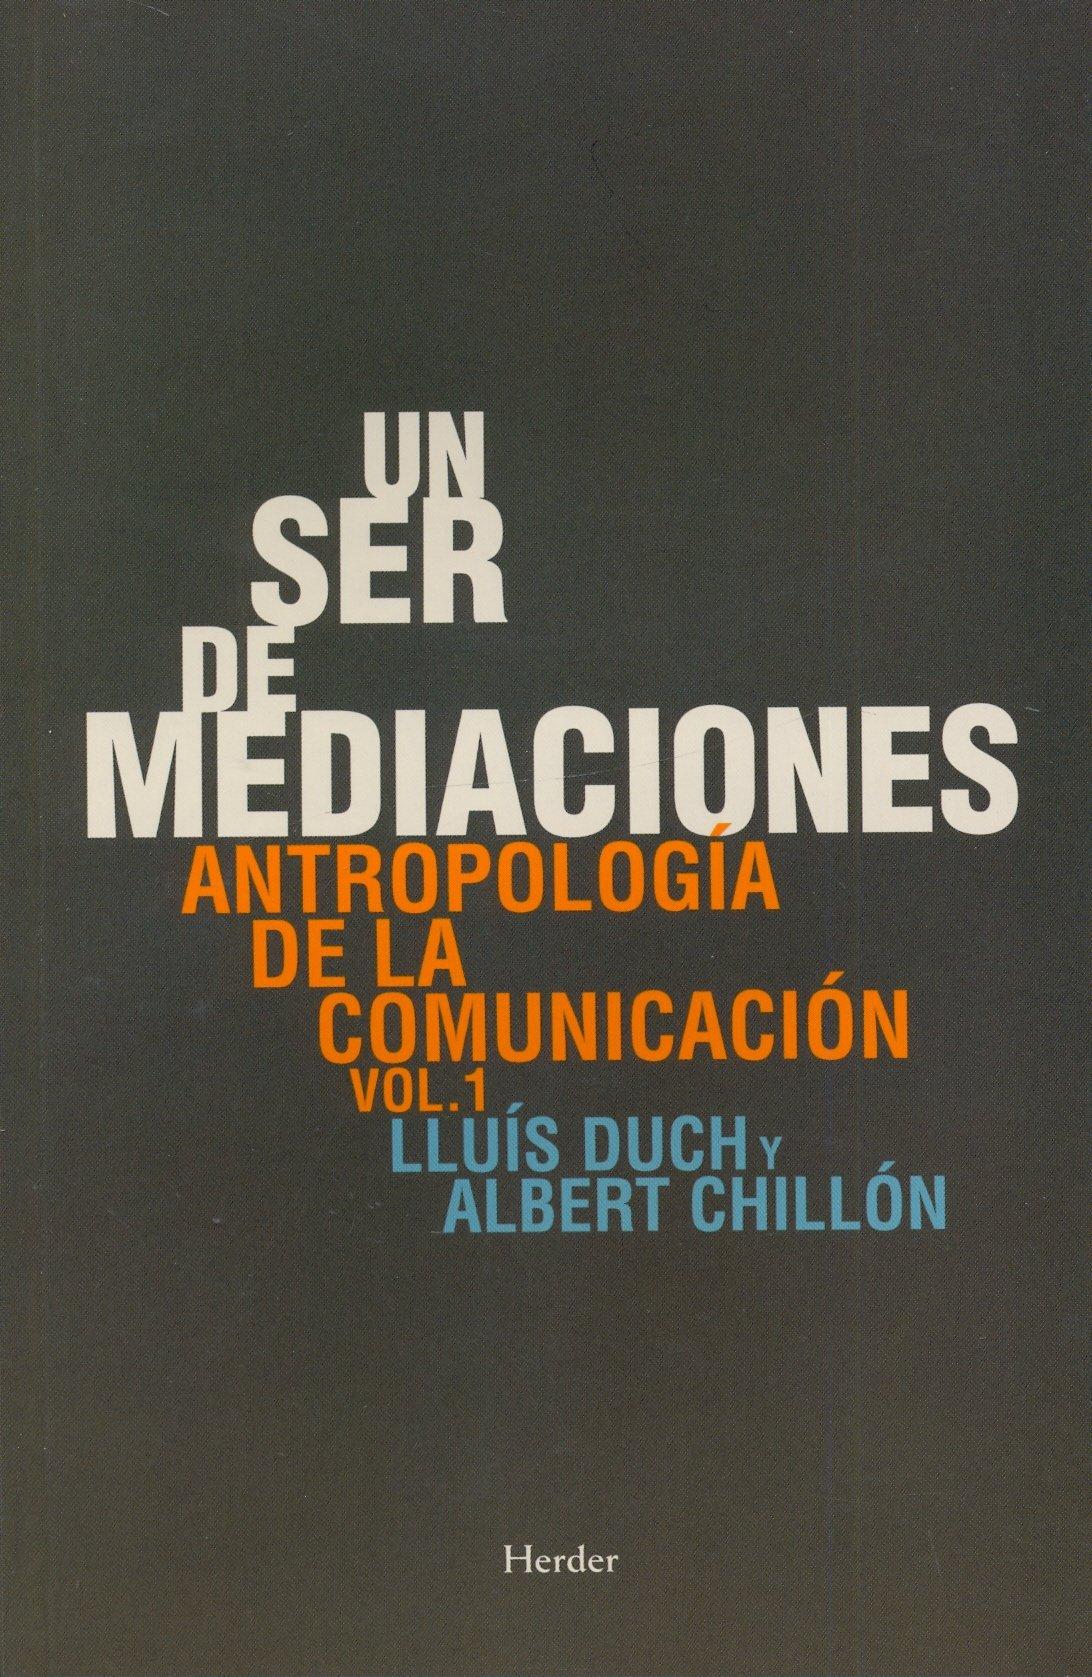 Un ser de mediaciones: Antropología de la comunicación vol. 1 Tapa blanda – 2 mar 2012 Lluís Duch Álvarez Albert Chillón Herder Editorial 8425430747